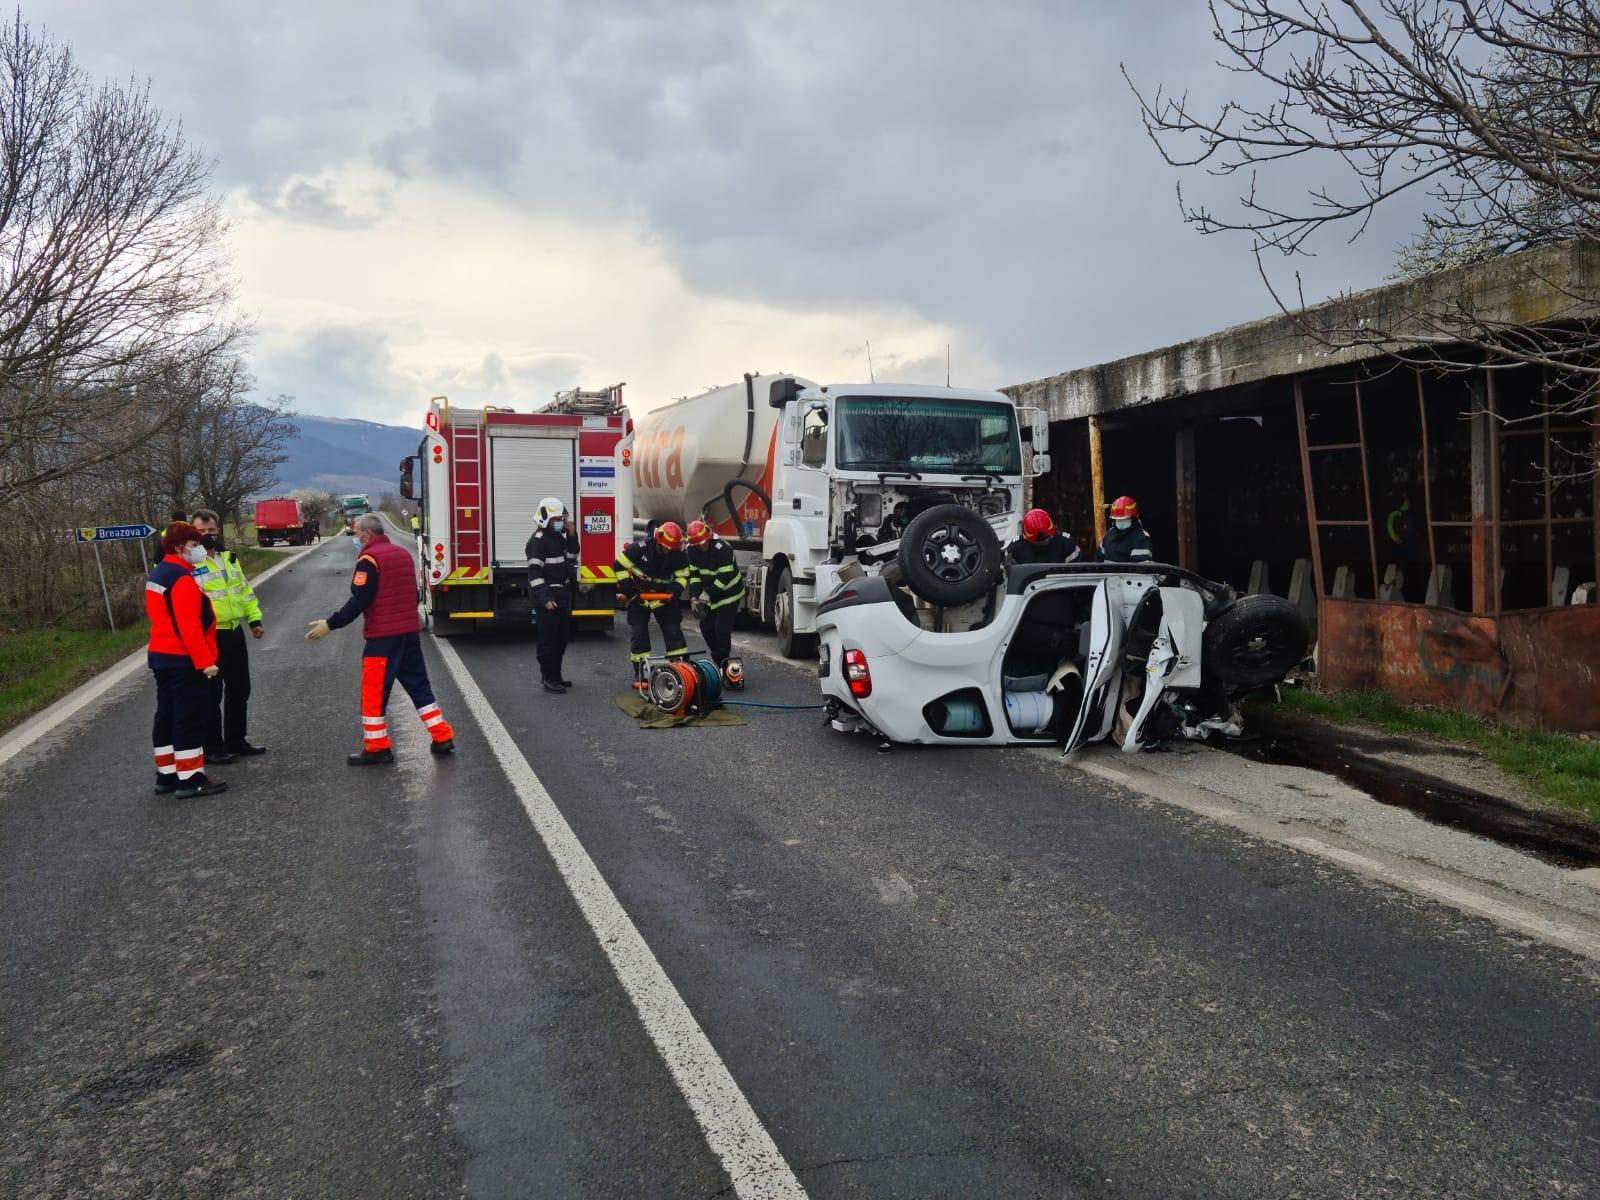 Cumplit accident rutier la Sarmizegetusa. Două persoane și-au pierdut viața